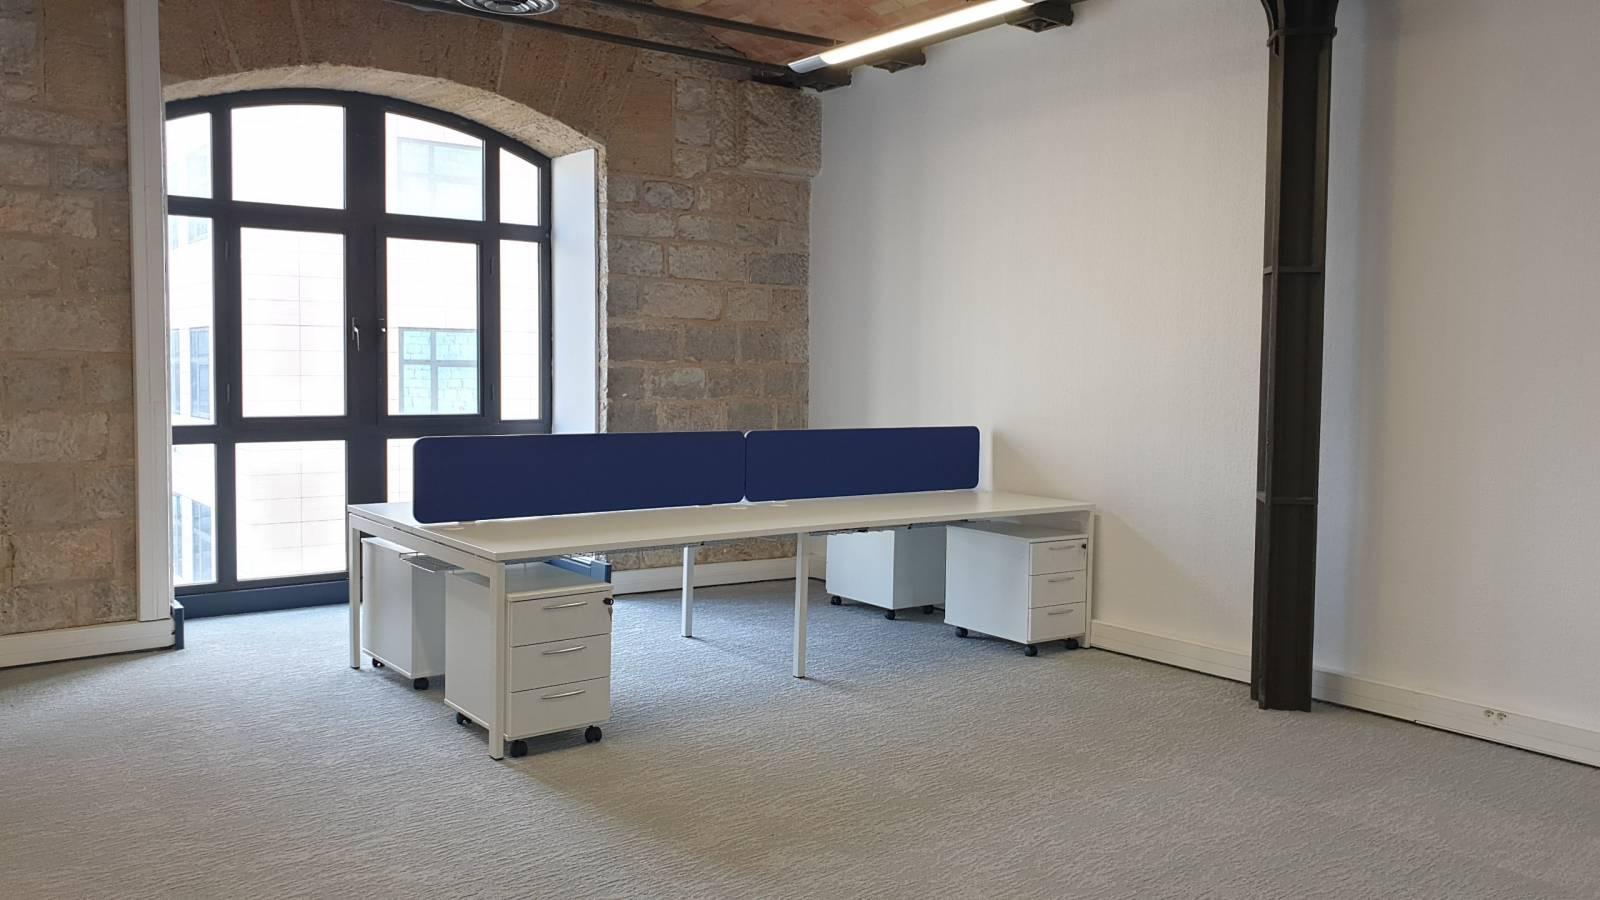 Bureaux multipostes pour 4 personnes avecécrans de séparation acoustiques sur Marseille